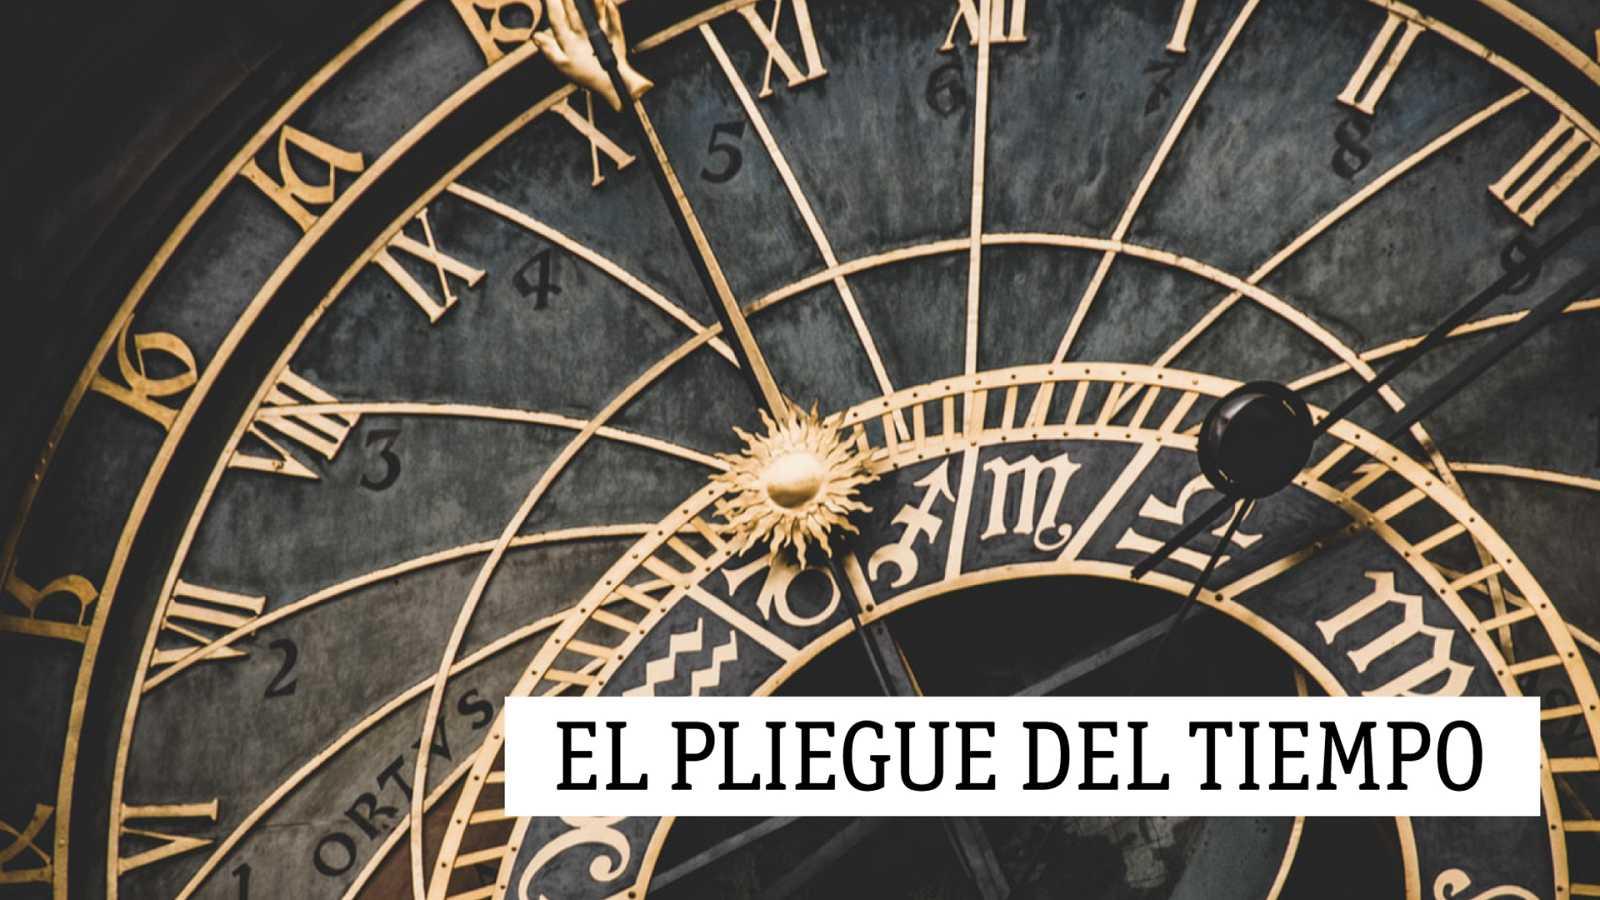 El pliegue del tiempo - Enrique Aroca a la sombra de Turina - 06/05/20 - escuchar ahora